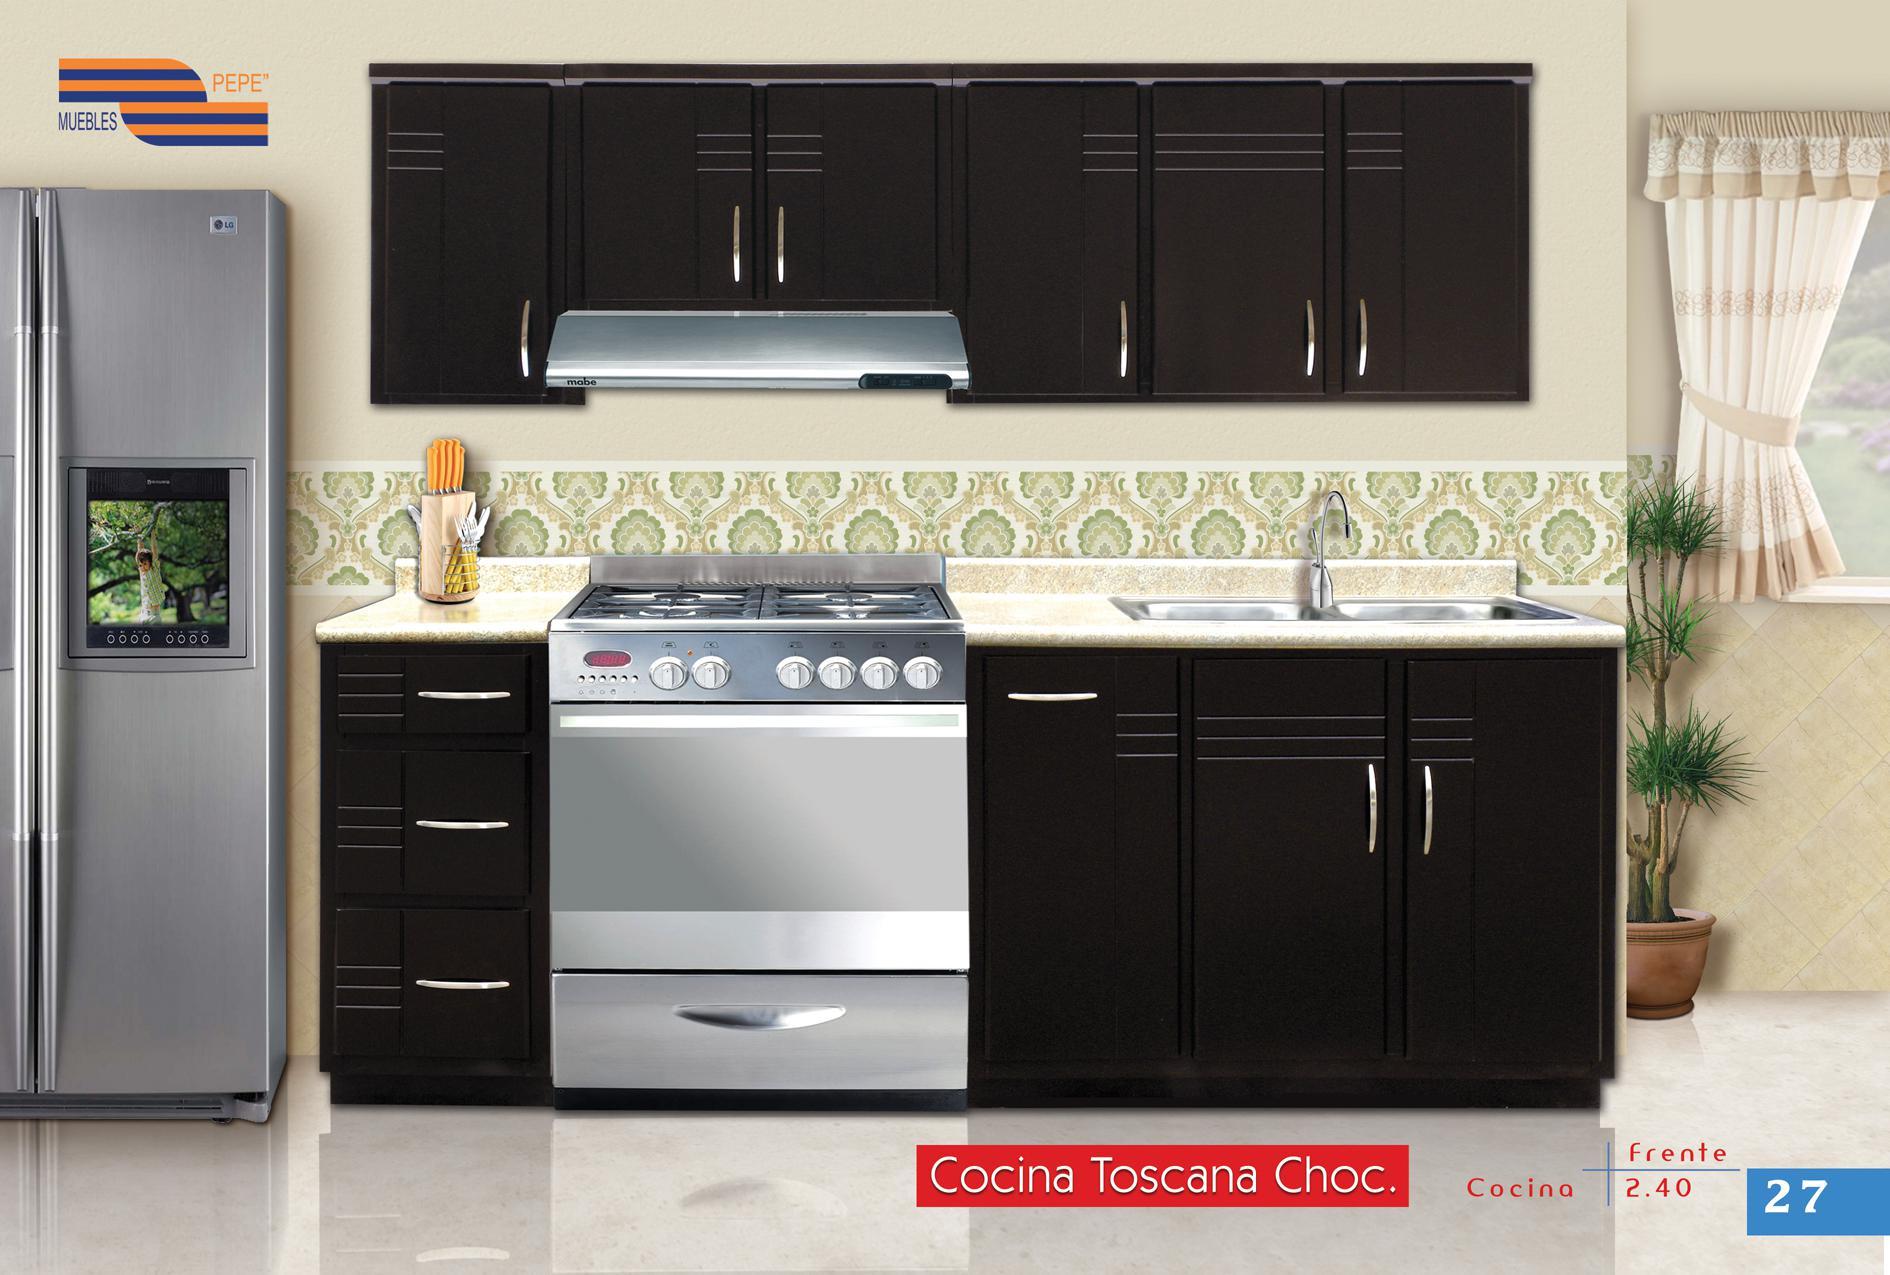 Cocina integral mod toscana madera mts 5 pzas for Cocina integral 3 metros